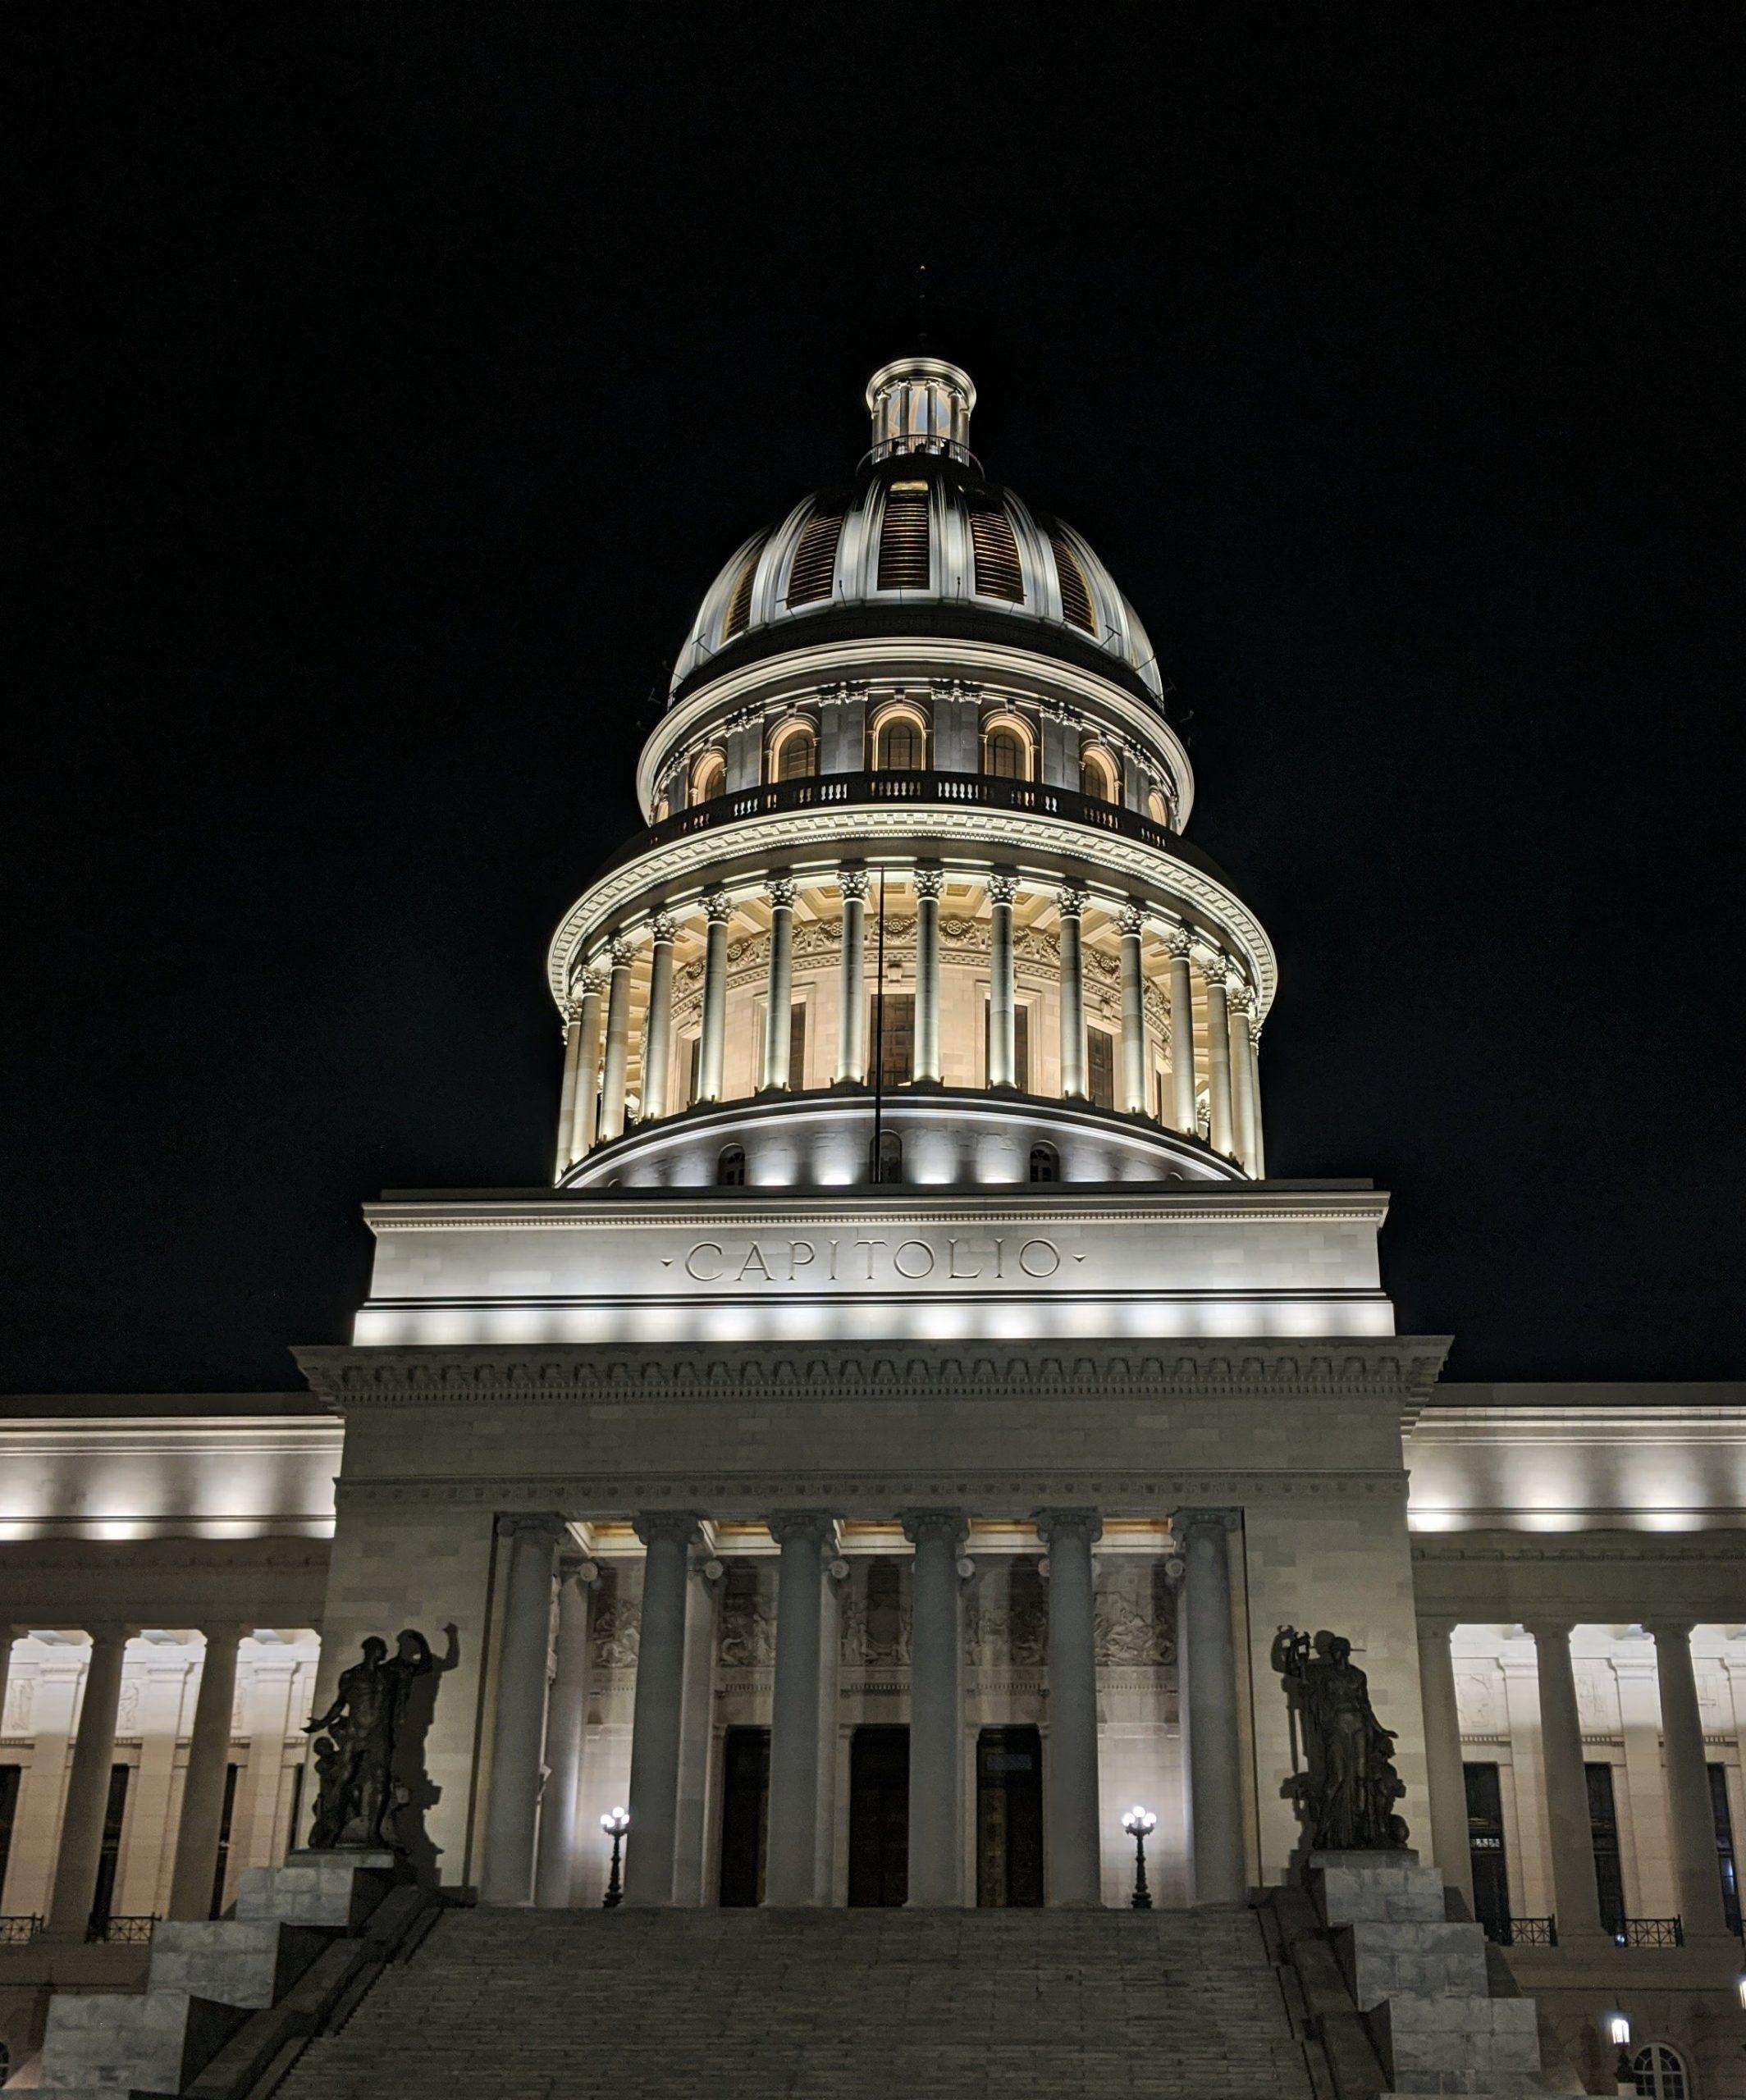 El Capitolio National Capitol building Havana Cuba